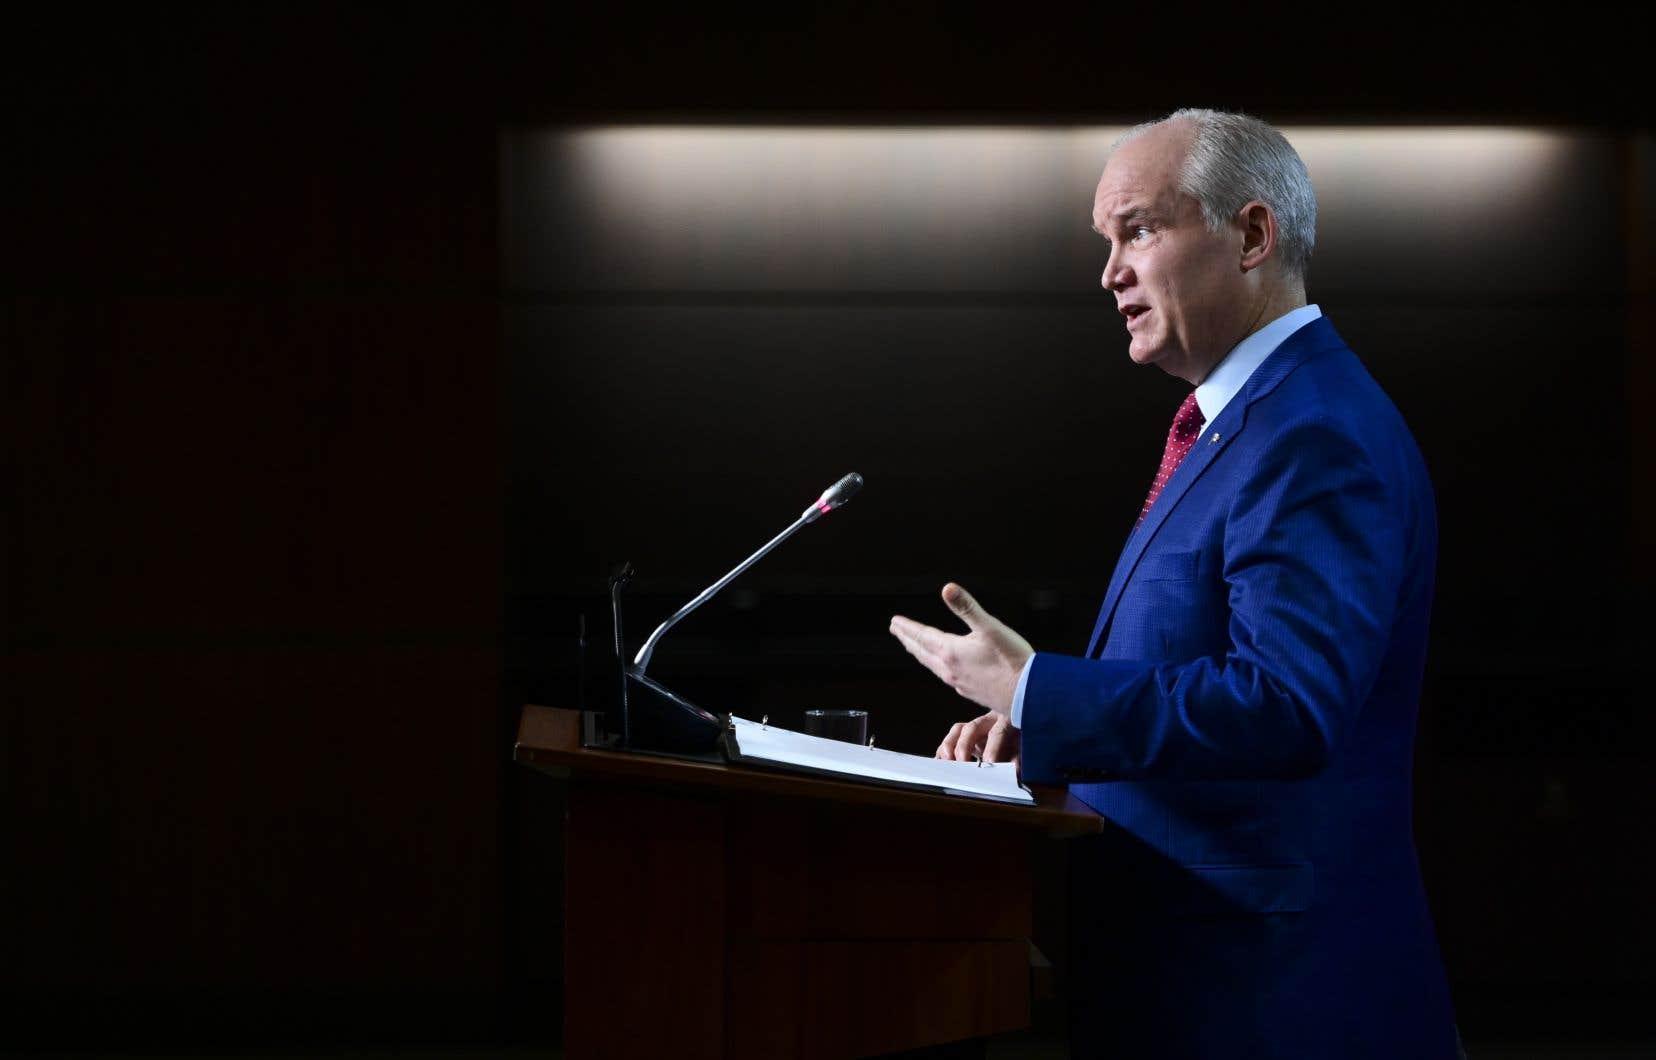 Le chef des conservateursdemande au gouvernement Trudeau de nommer un moniteur spécial du Bureau du vérificateur général pour examiner la réponse à la pandémie en temps réel.